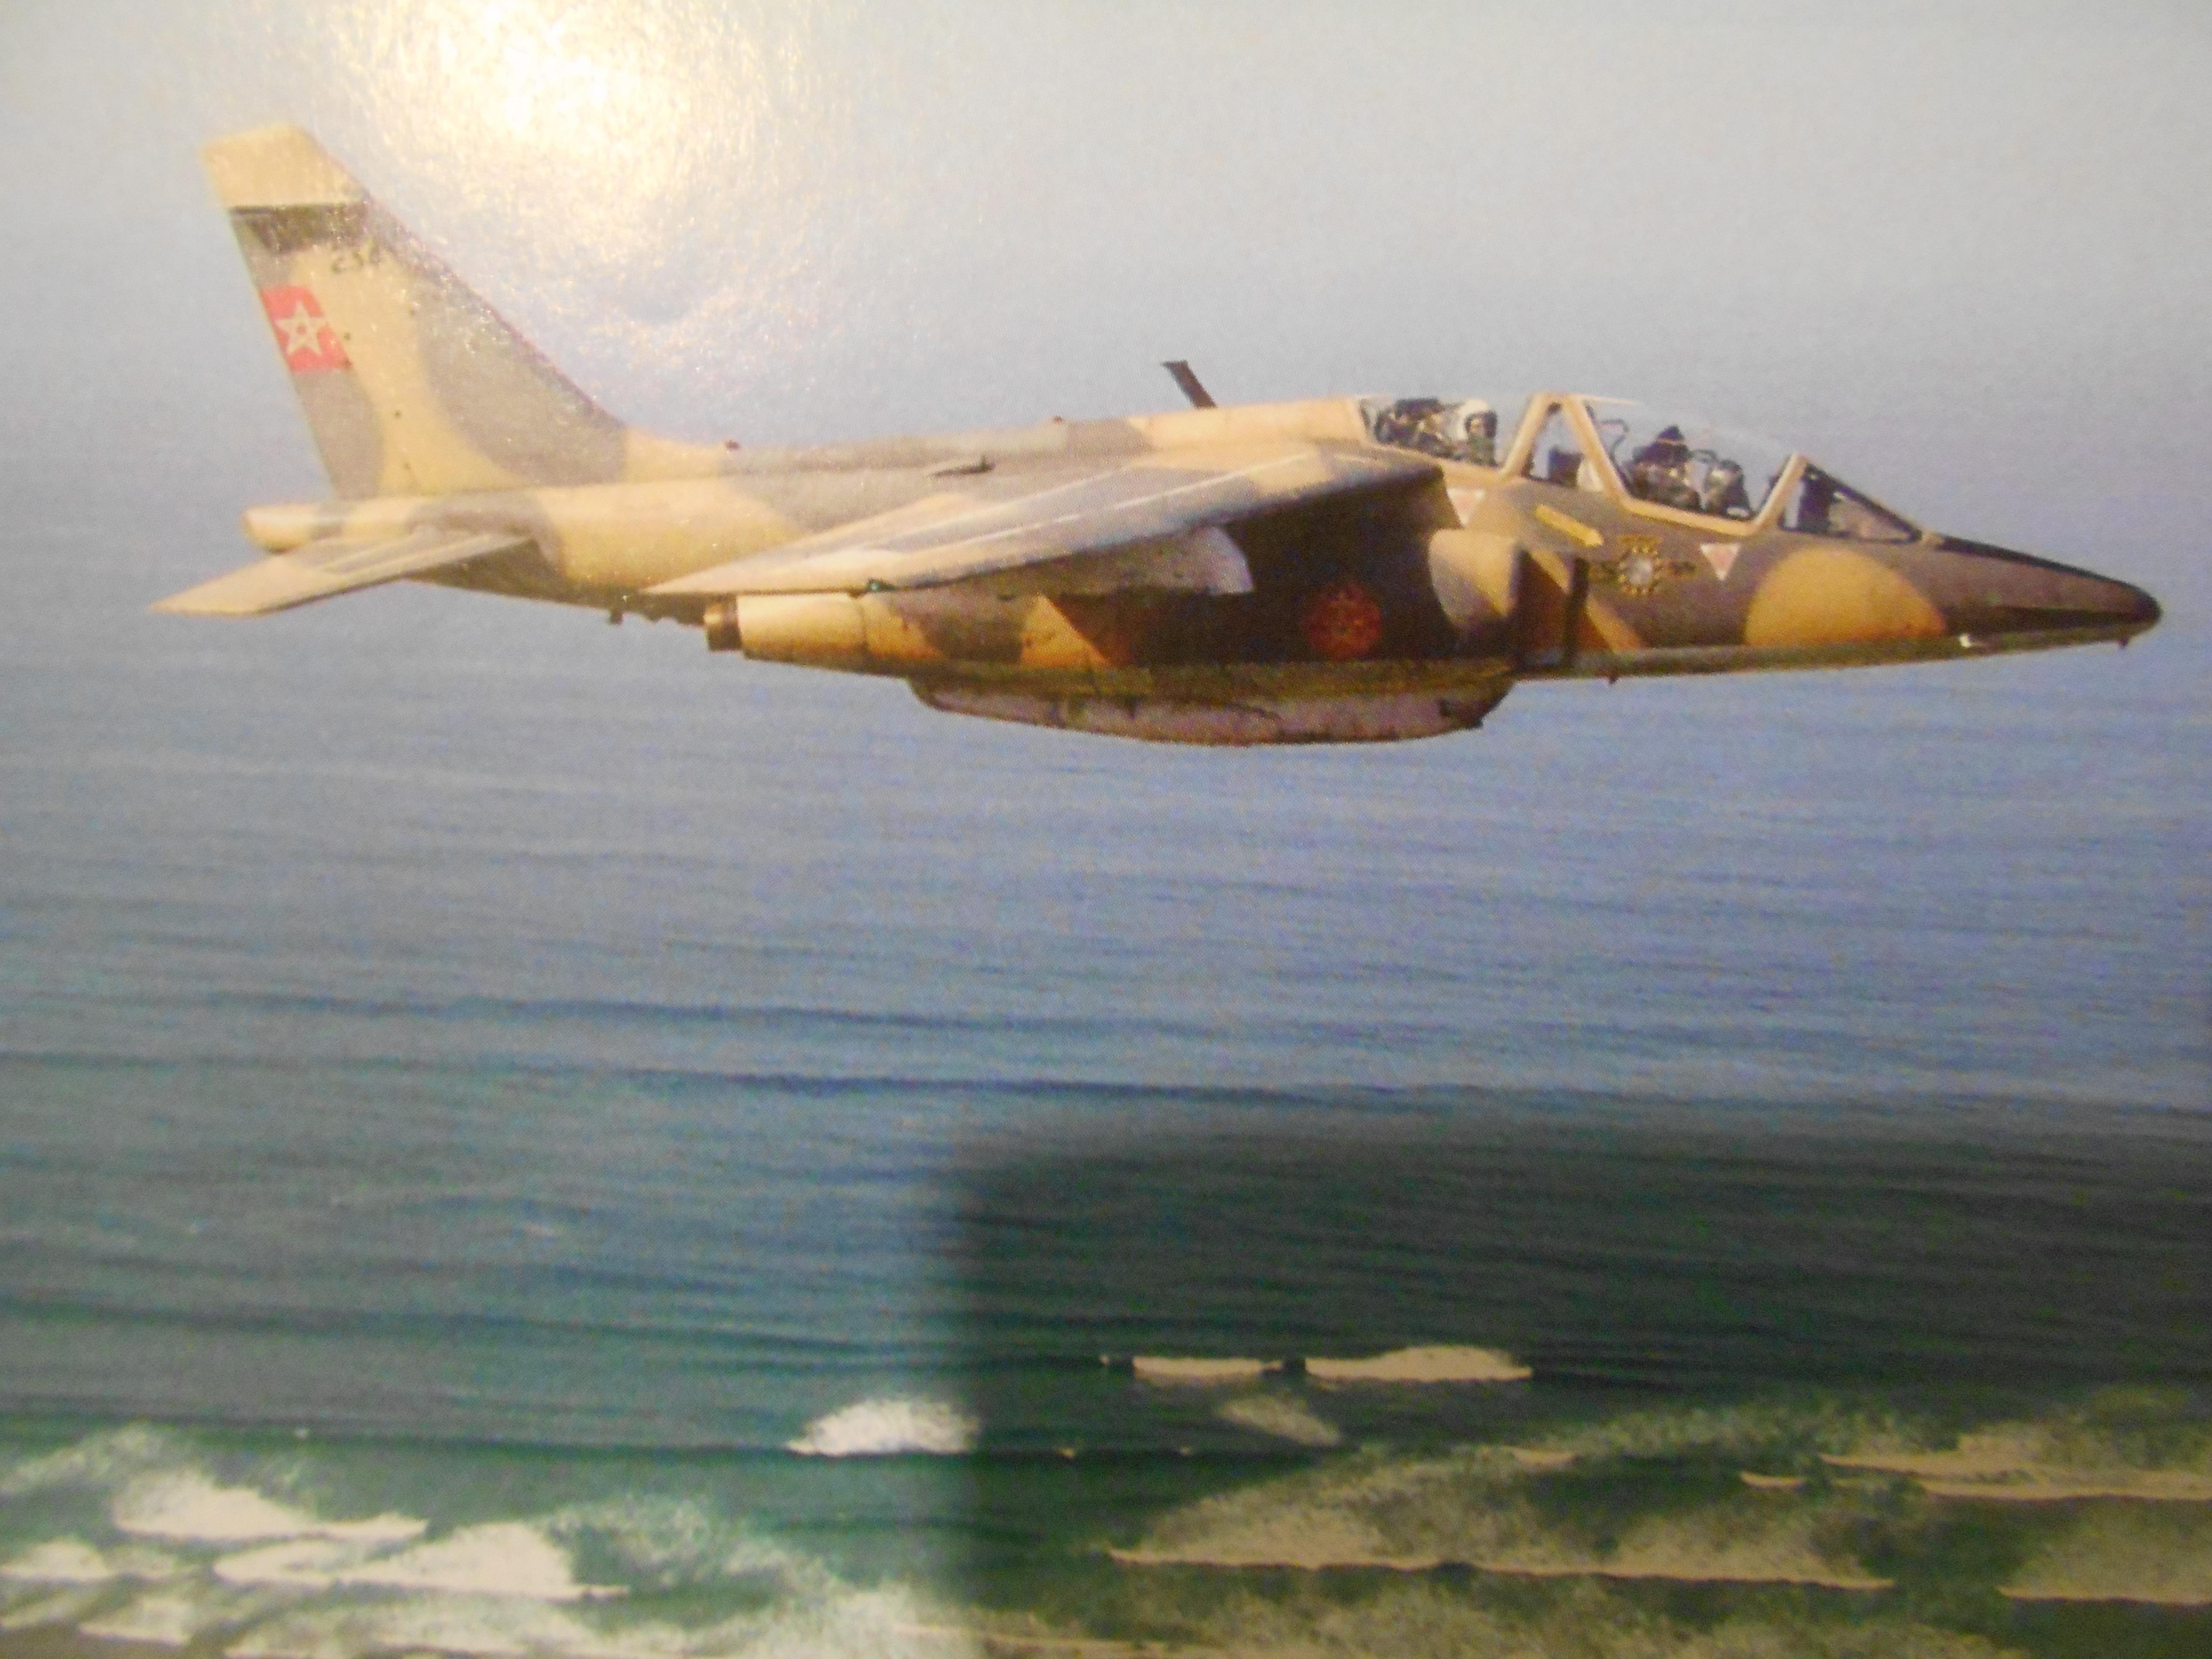 FRA: Photos avions d'entrainement et anti insurrection - Page 8 160229102131198728